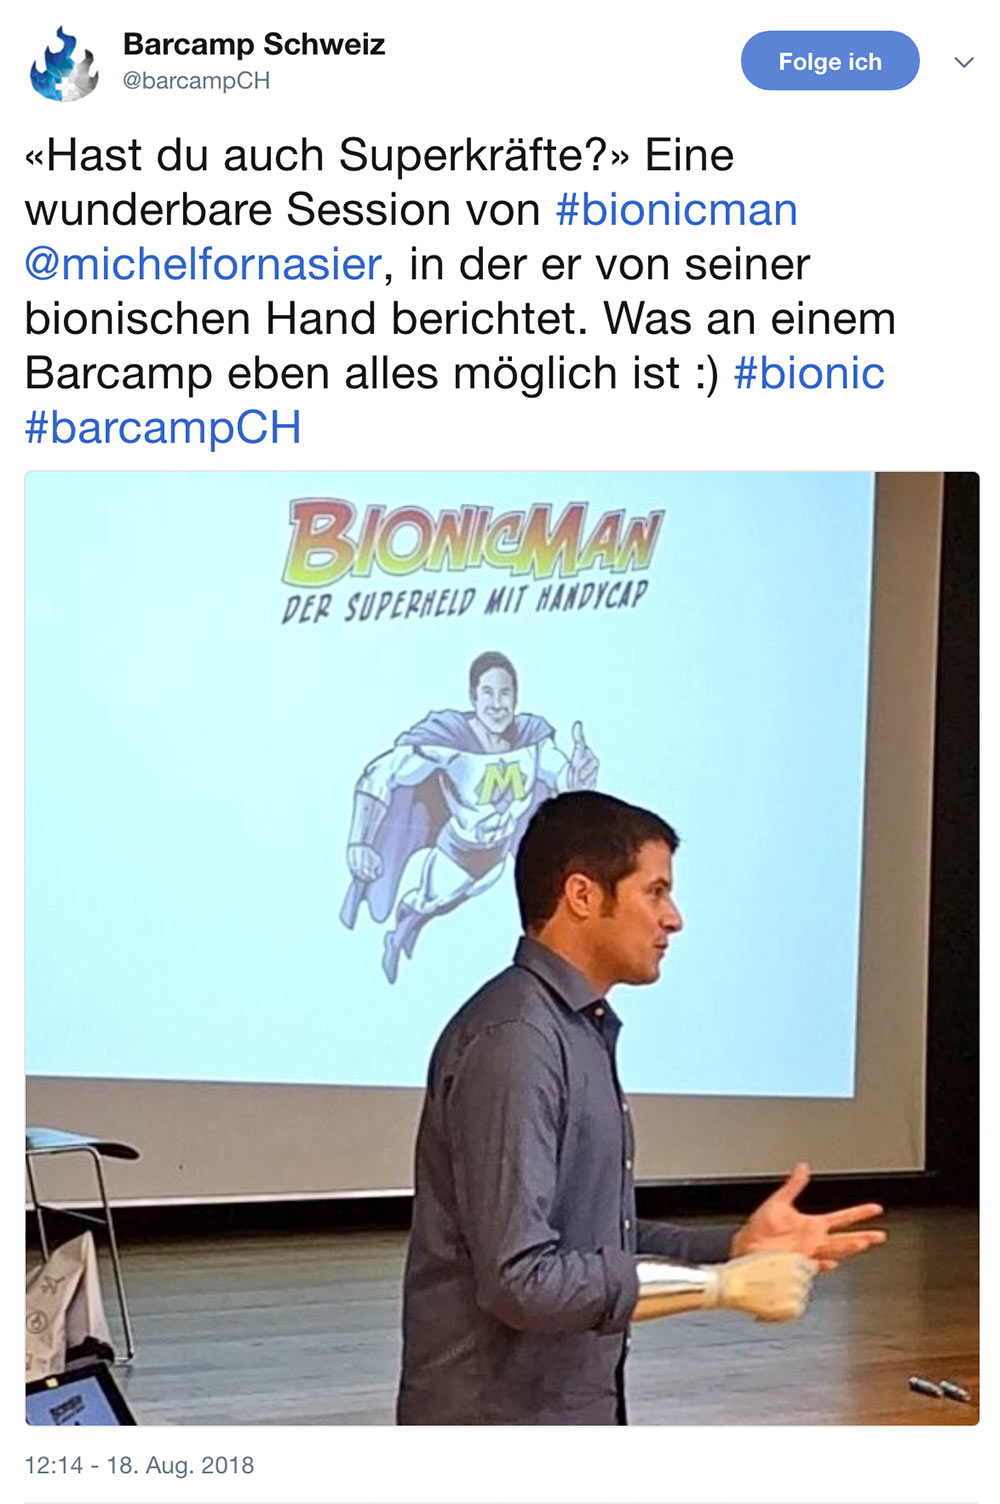 barcamp schweiz 2018 barcampch tweets 5 - Barcamp Schweiz 2018 - Mein Rückblick